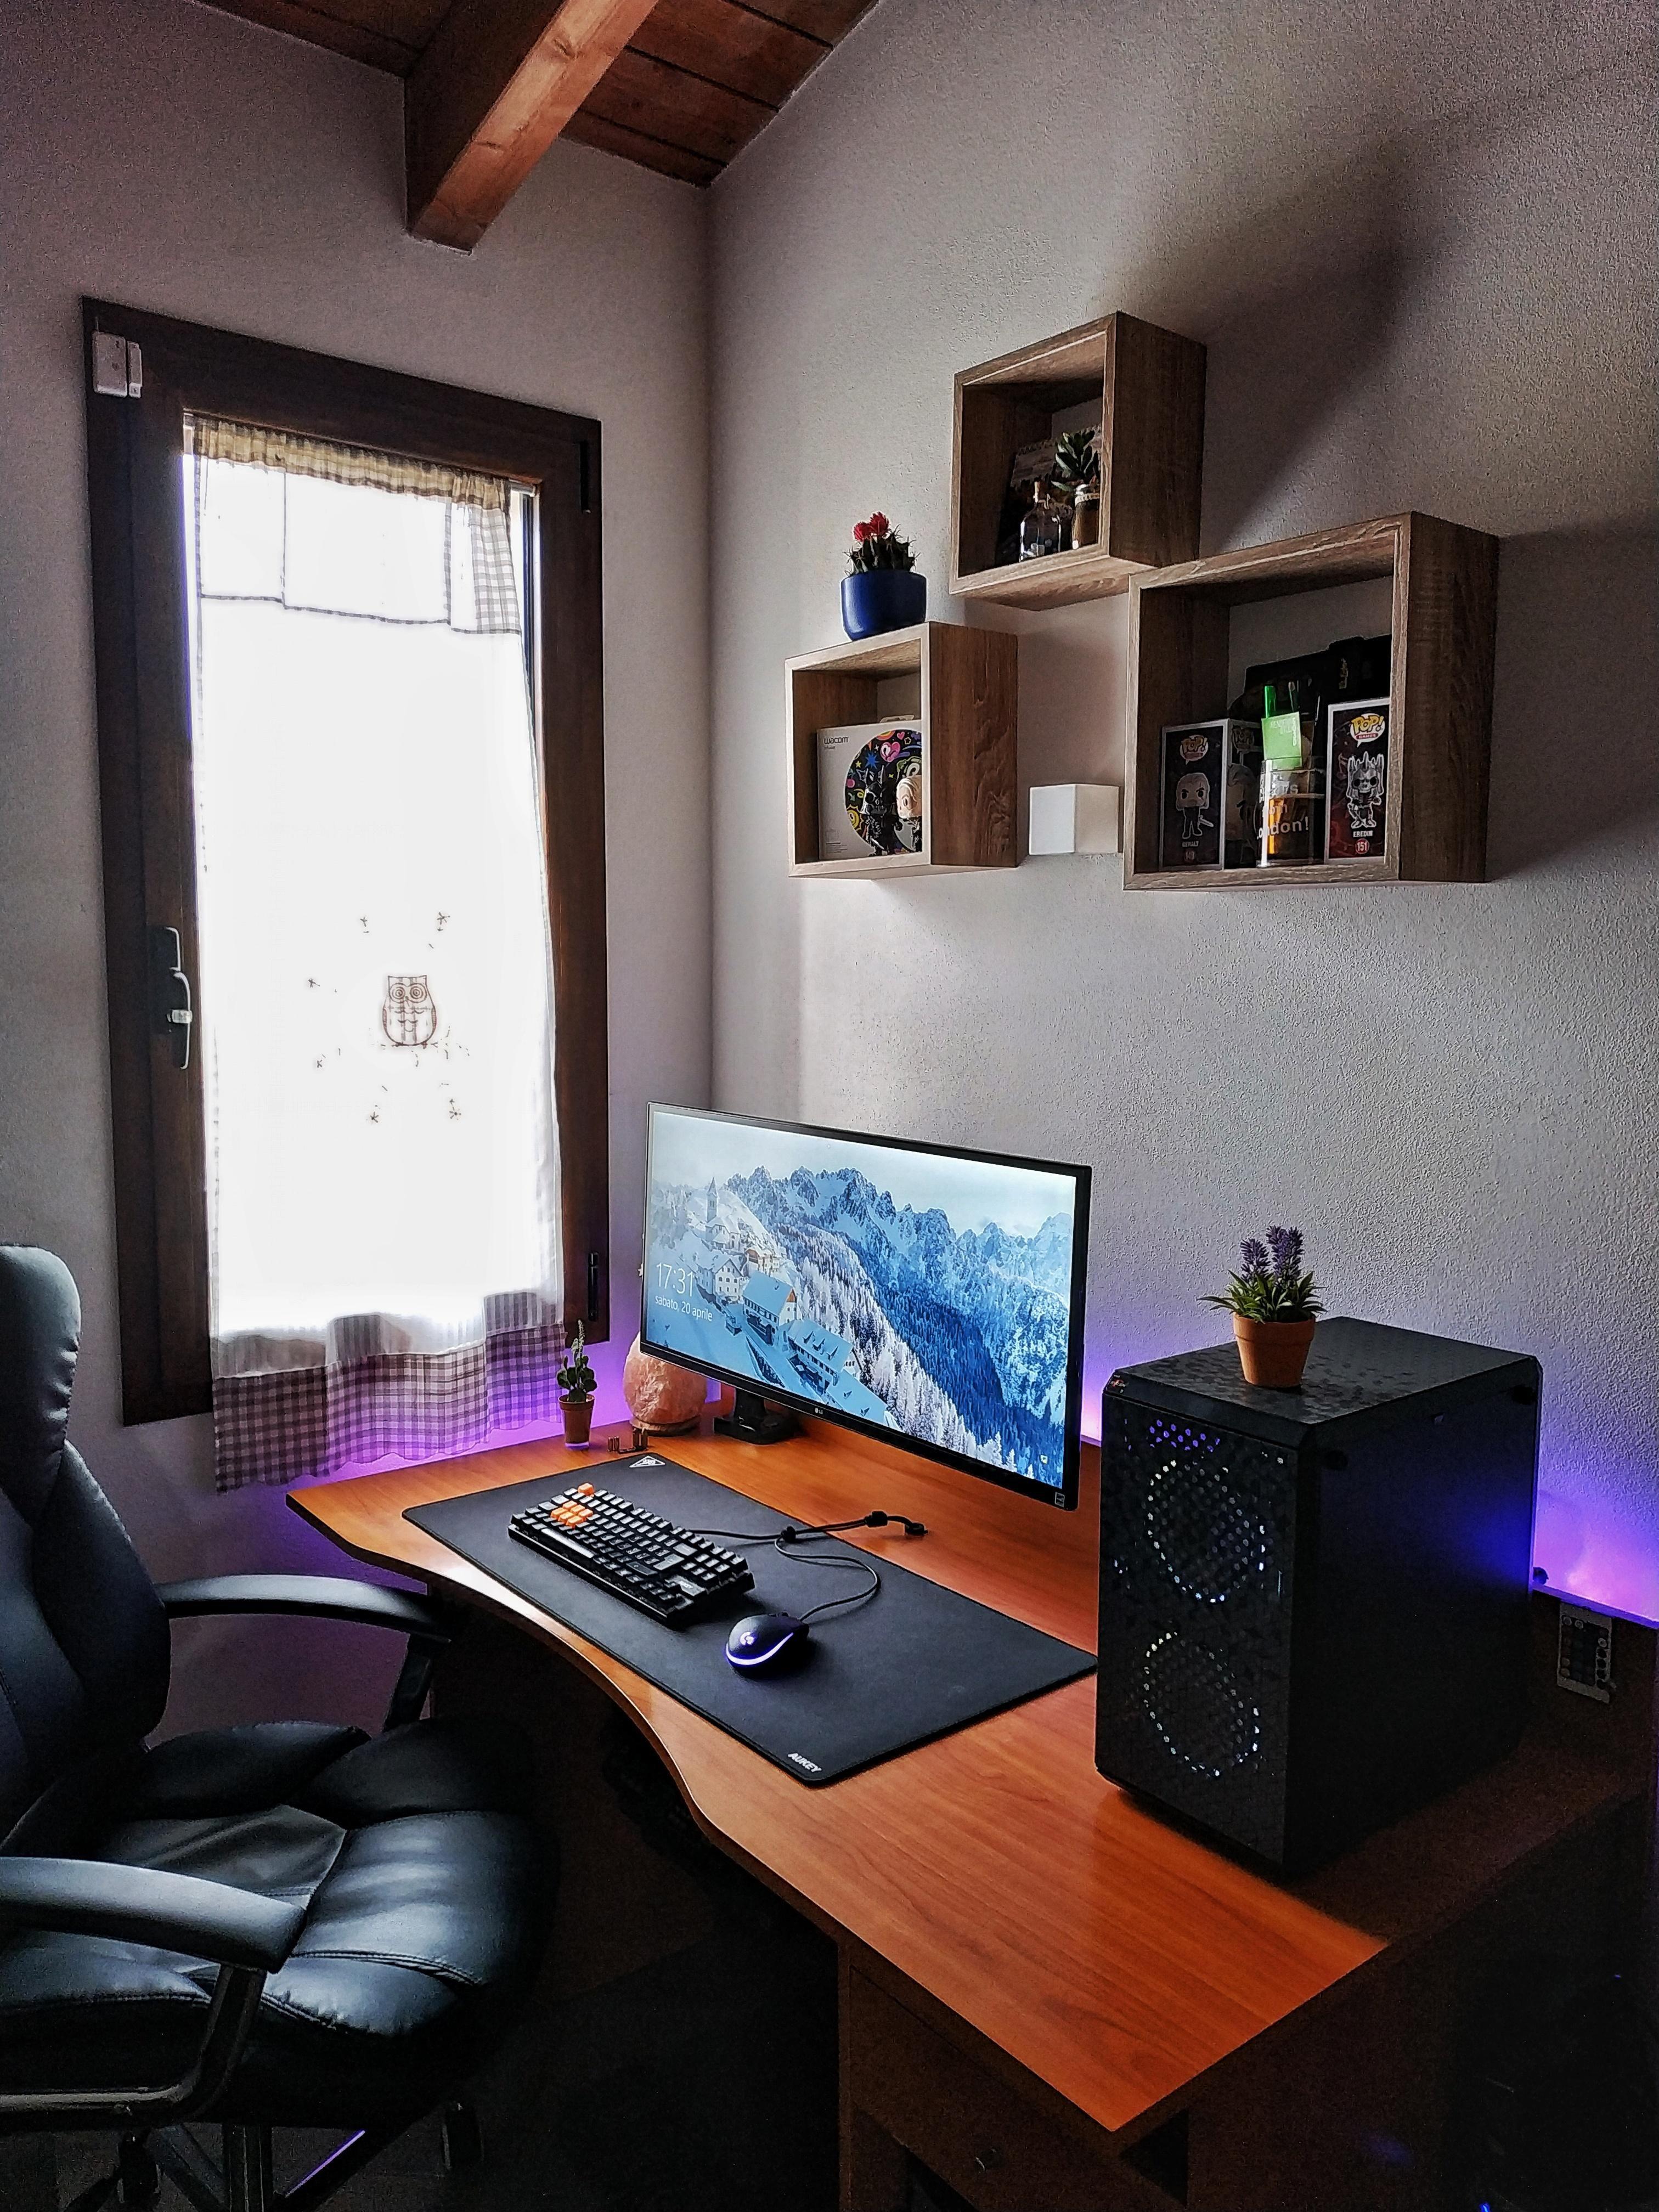 Some upgrades on my battlestation | Desk in living room ...